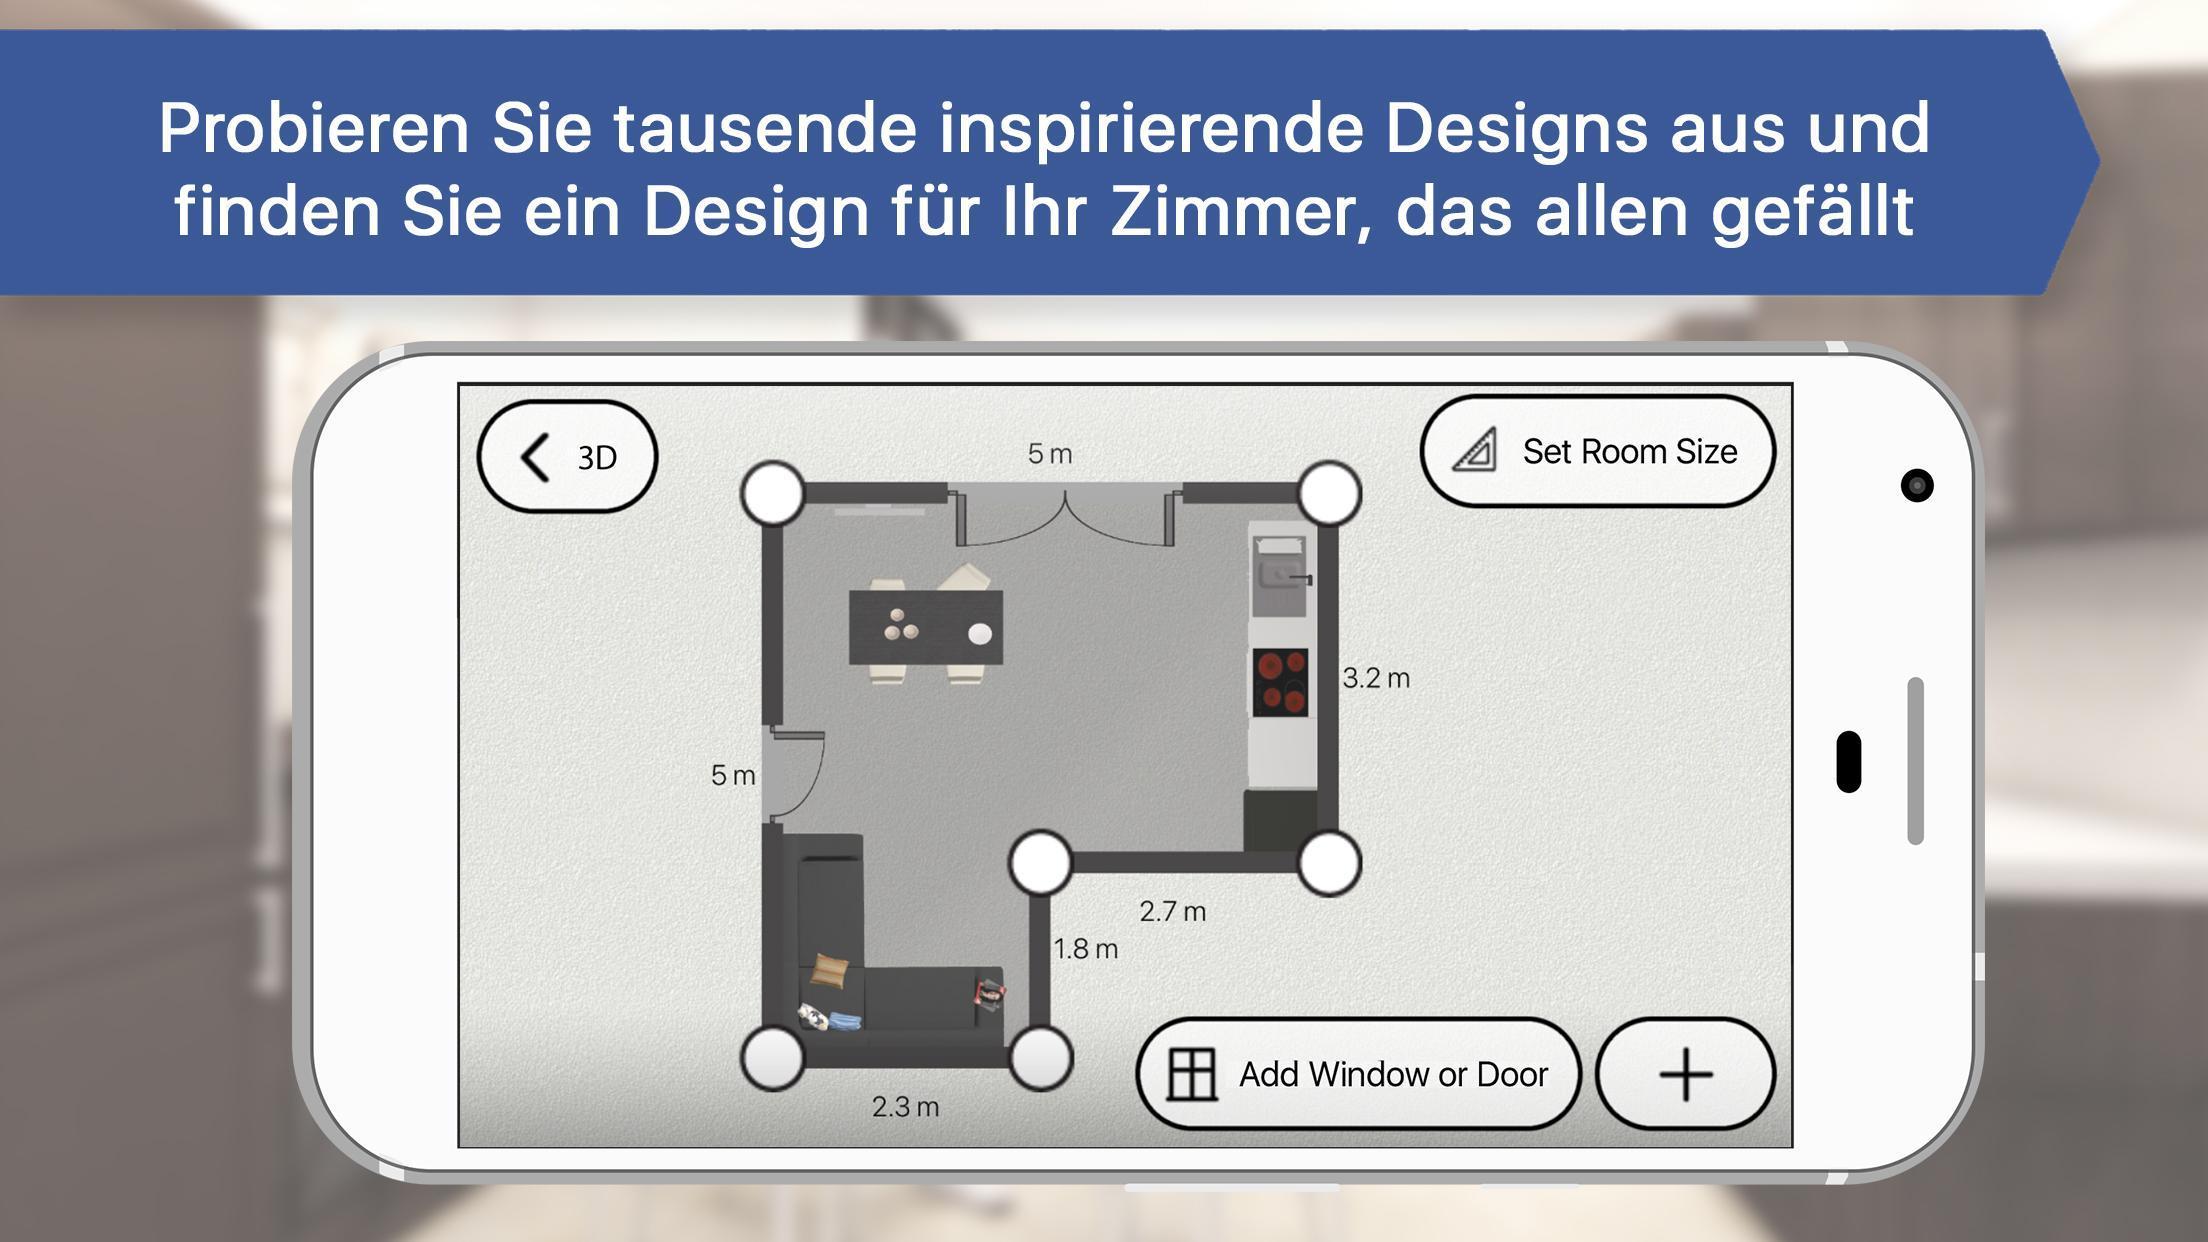 Full Size of 3d Kchenplaner Fr Ikea Kche Planen Und Design Android Küche Billig Küchen Regal Singleküche Mit E Geräten L Elektrogeräten Buche Pantryküche Kühlschrank Wohnzimmer Mobile Küche Ikea